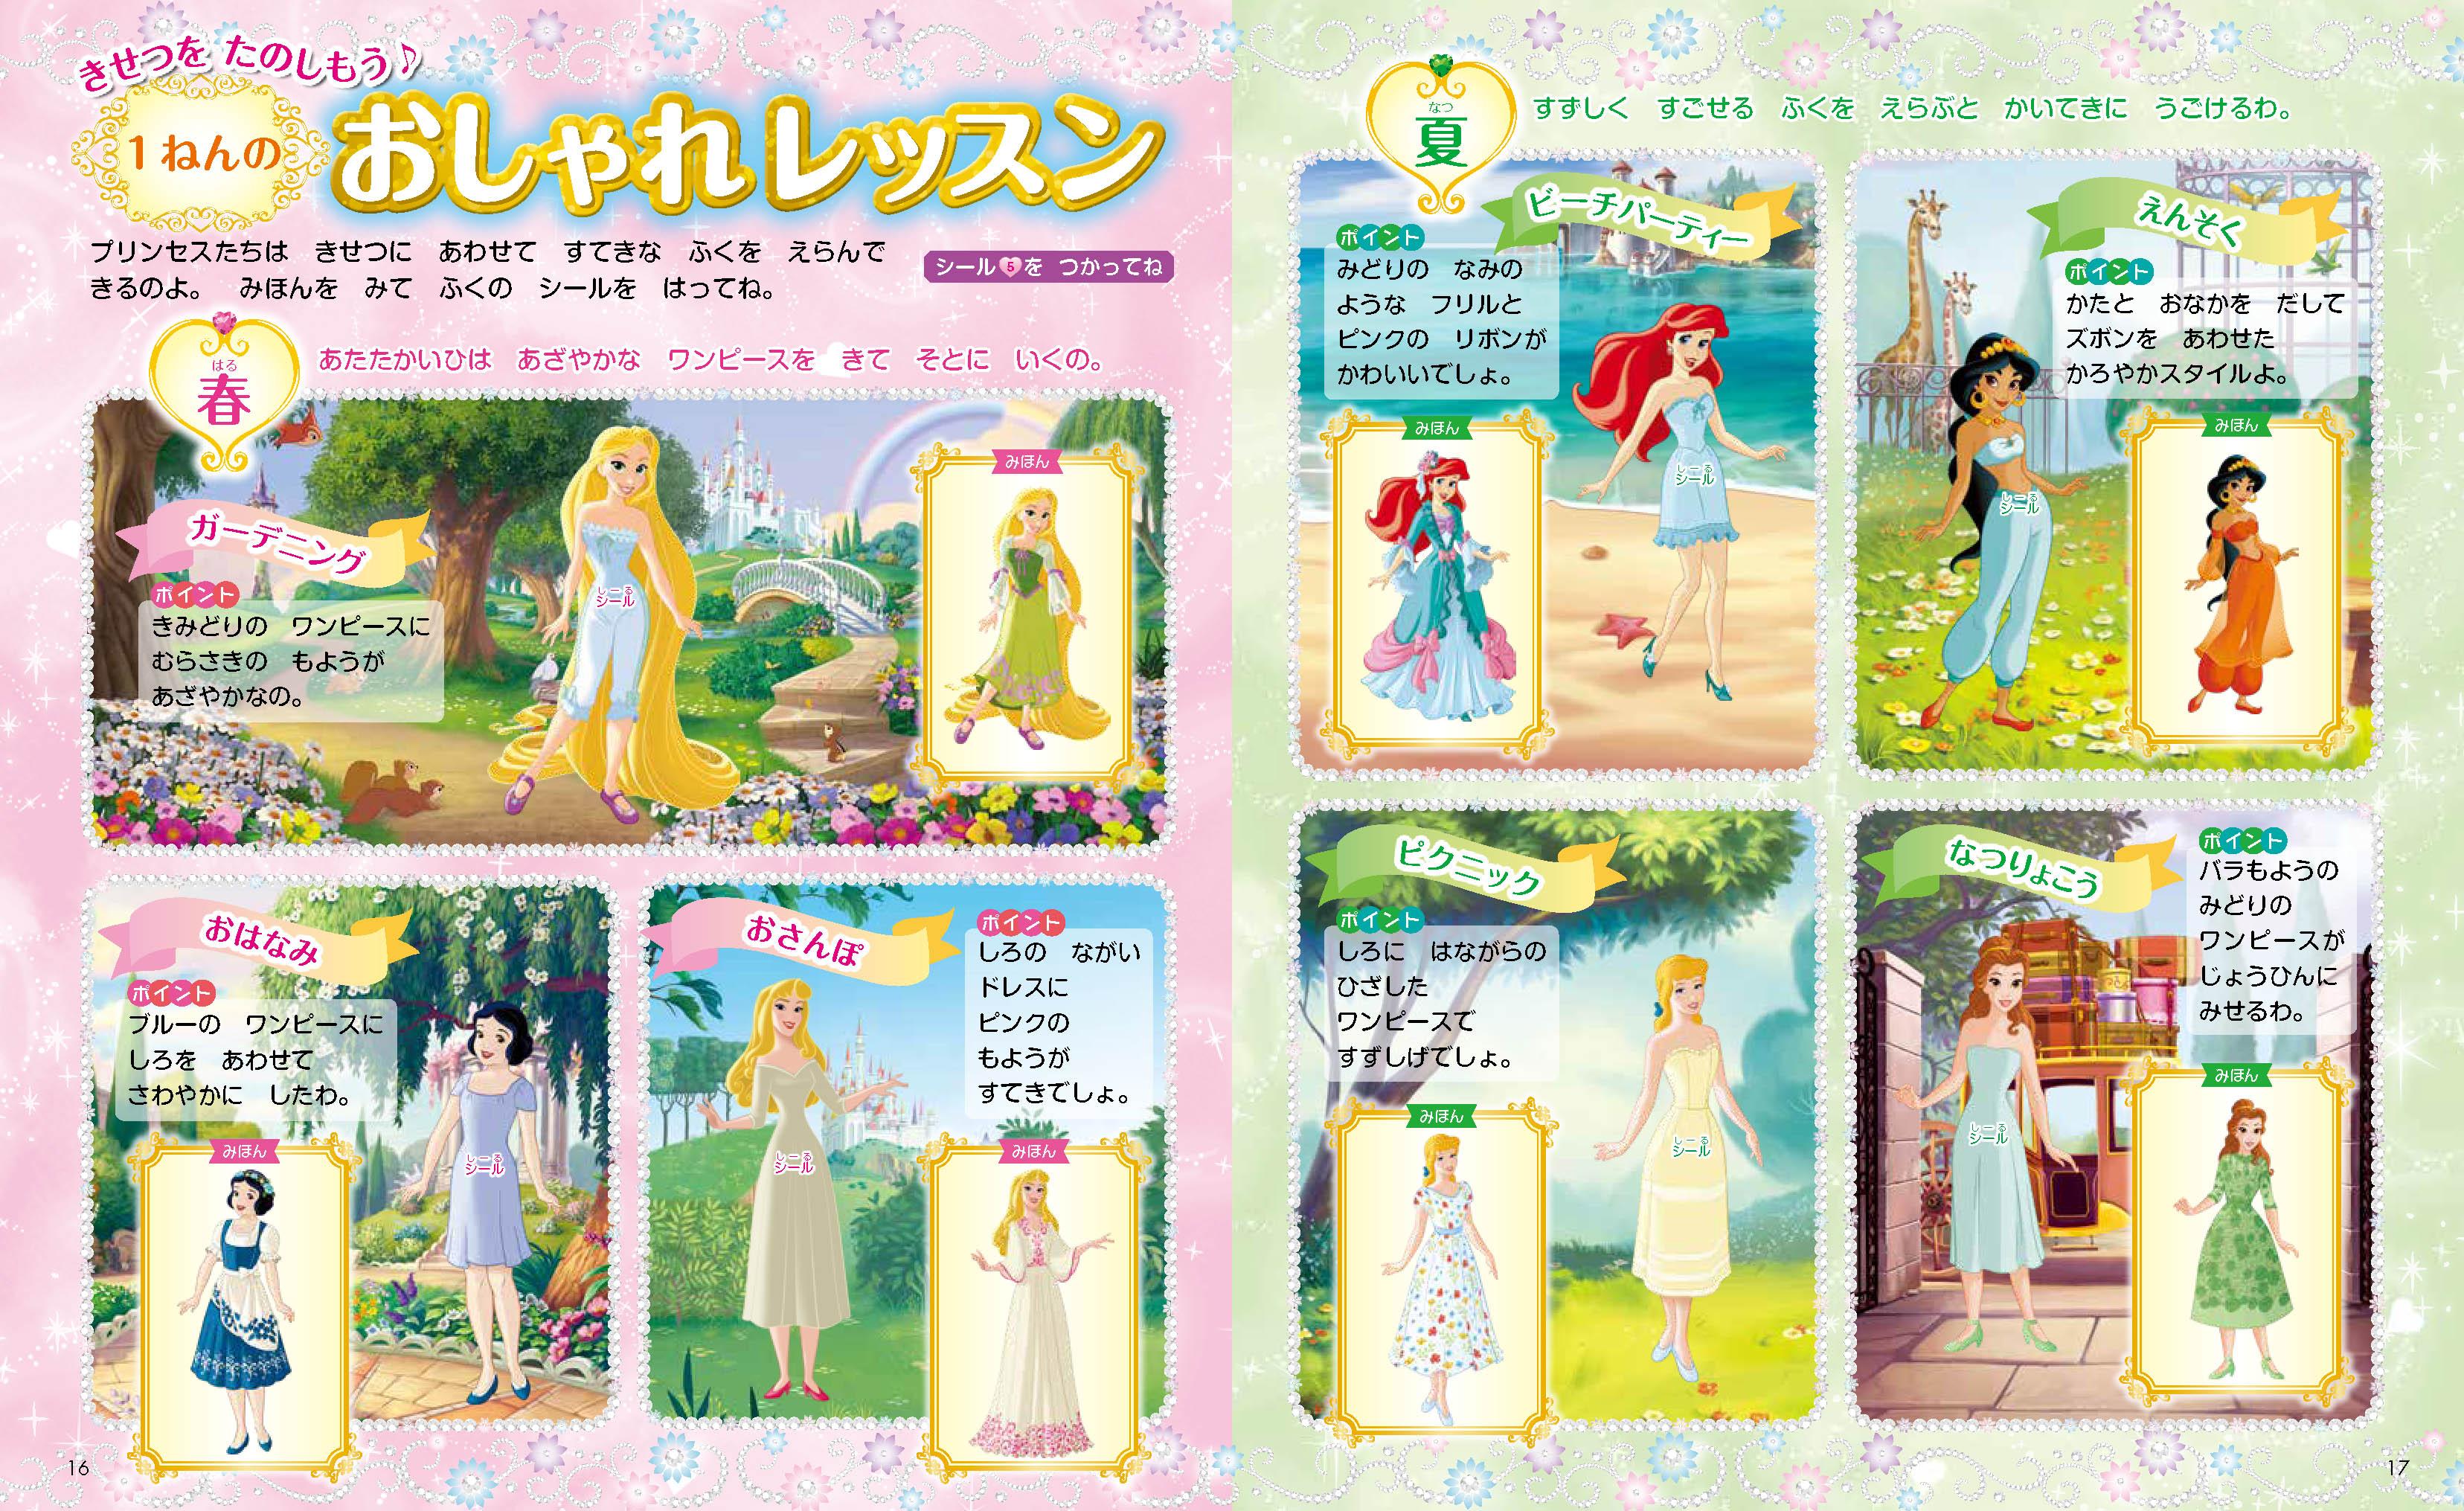 「▲春夏秋冬のプリンセスたちのすてきなドレスをシールを貼りながら楽しめます」画像